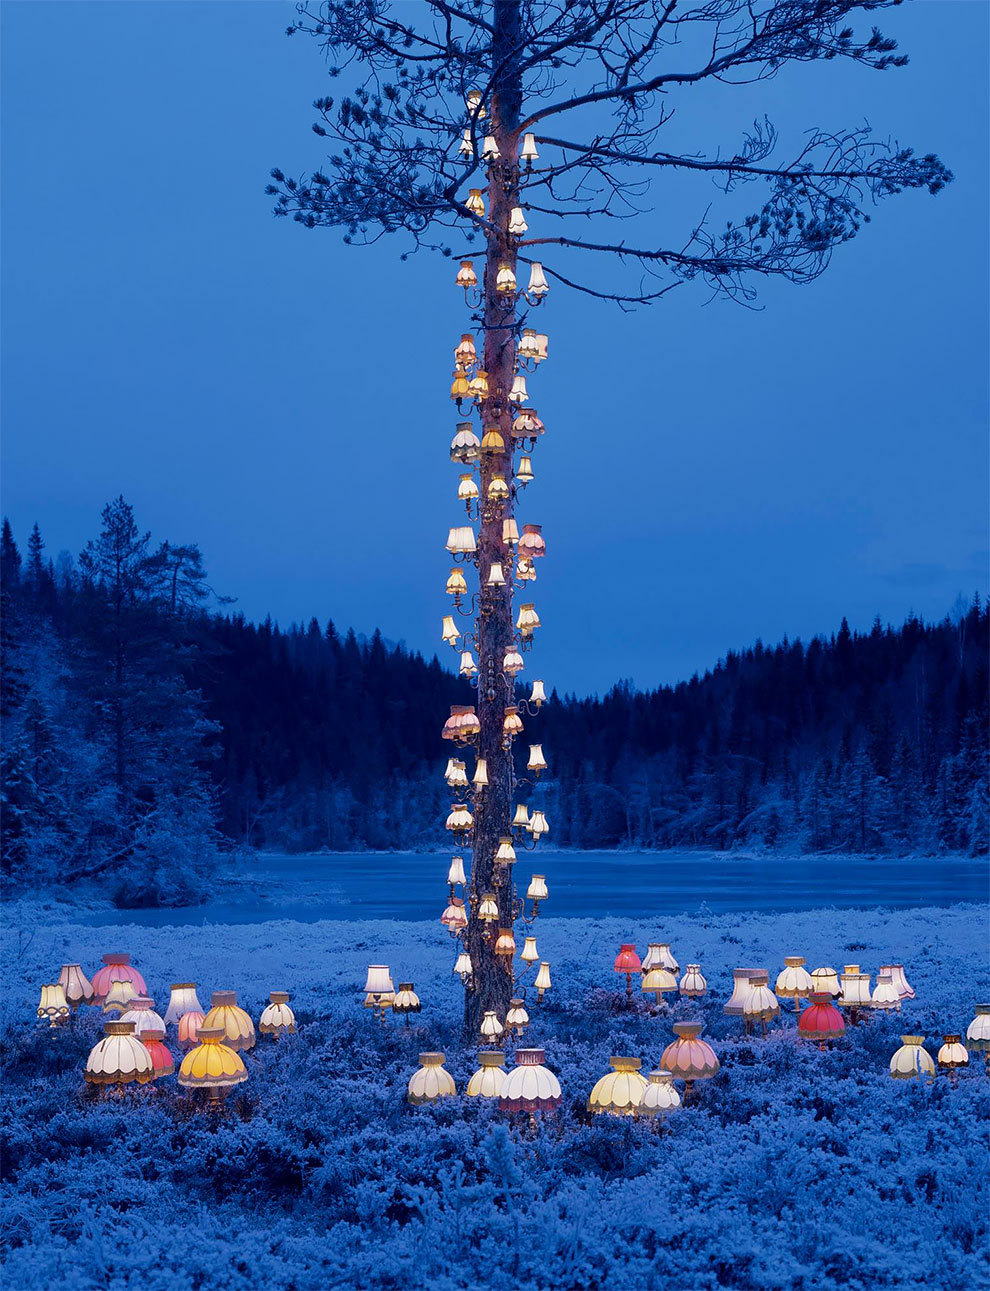 Rune Guneriussen Installation Art Forests Norway